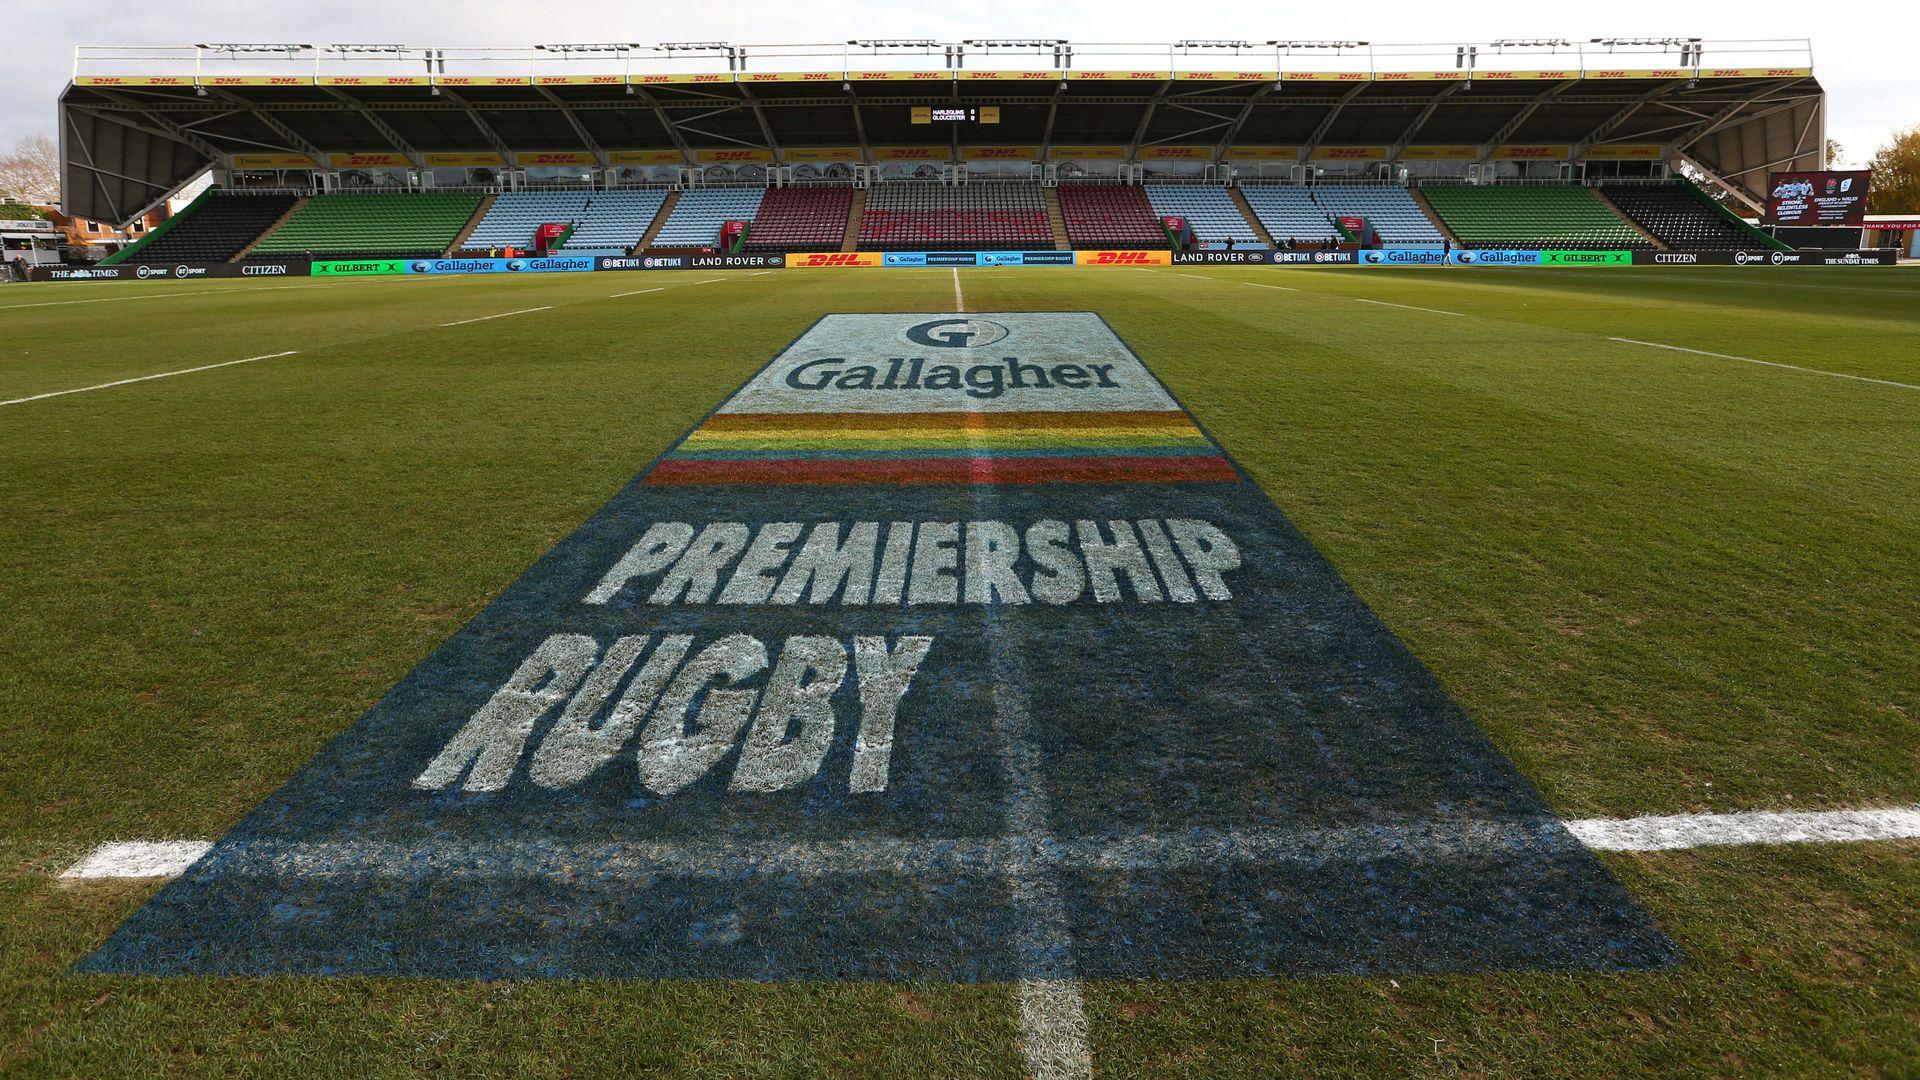 Premiership Rugby targeting August 15 return